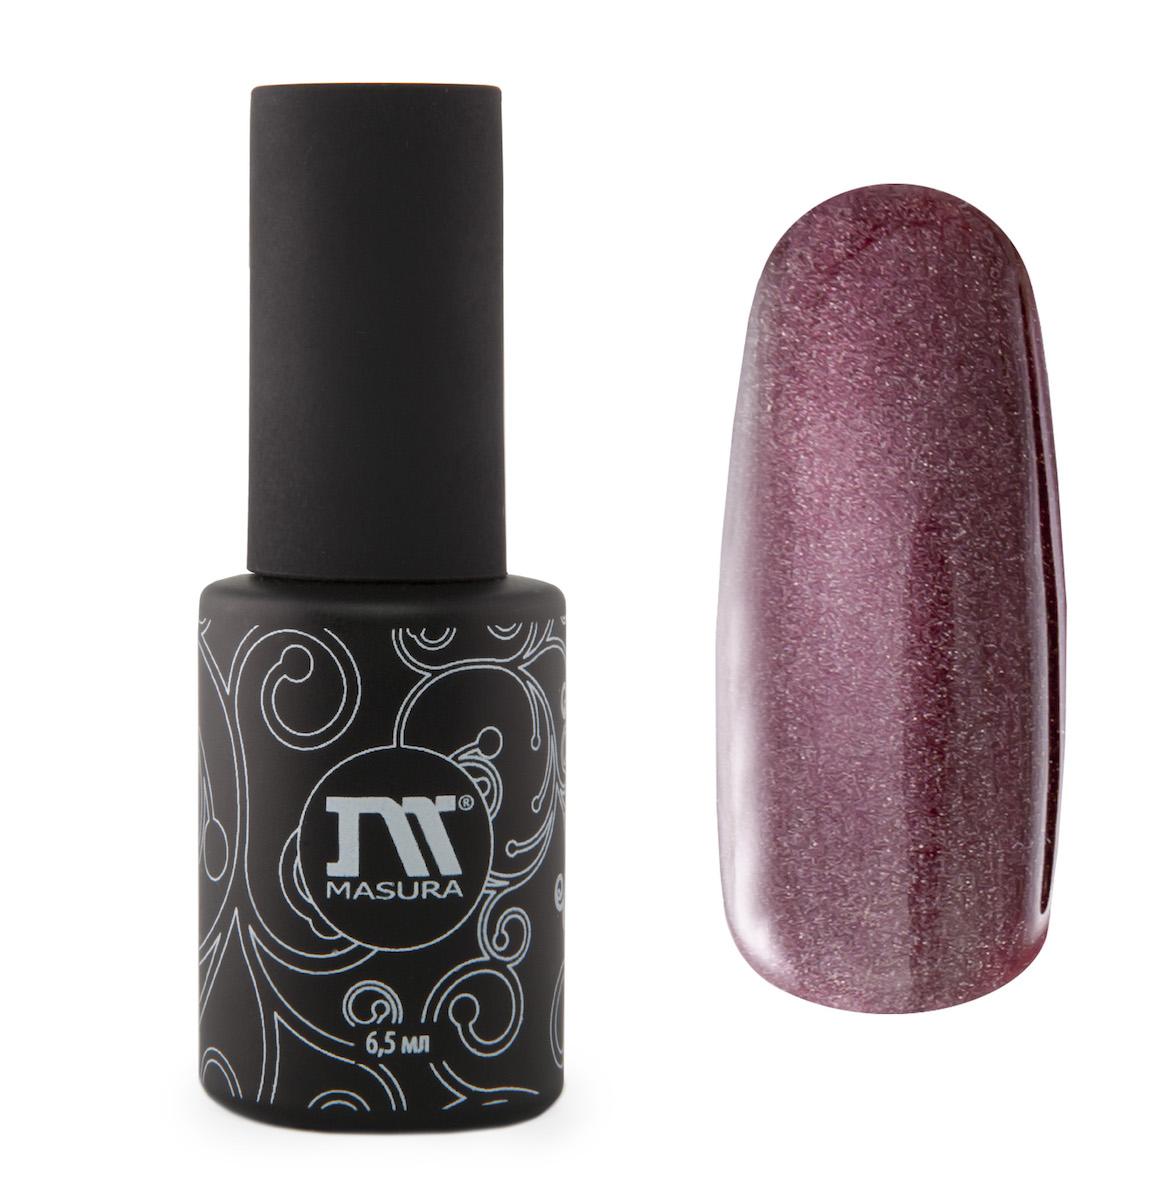 Masura Гель-лак ганаты Миледи, 6,5 мл295-06пурпурно-малиновый, с зеркальным переливом, плотный